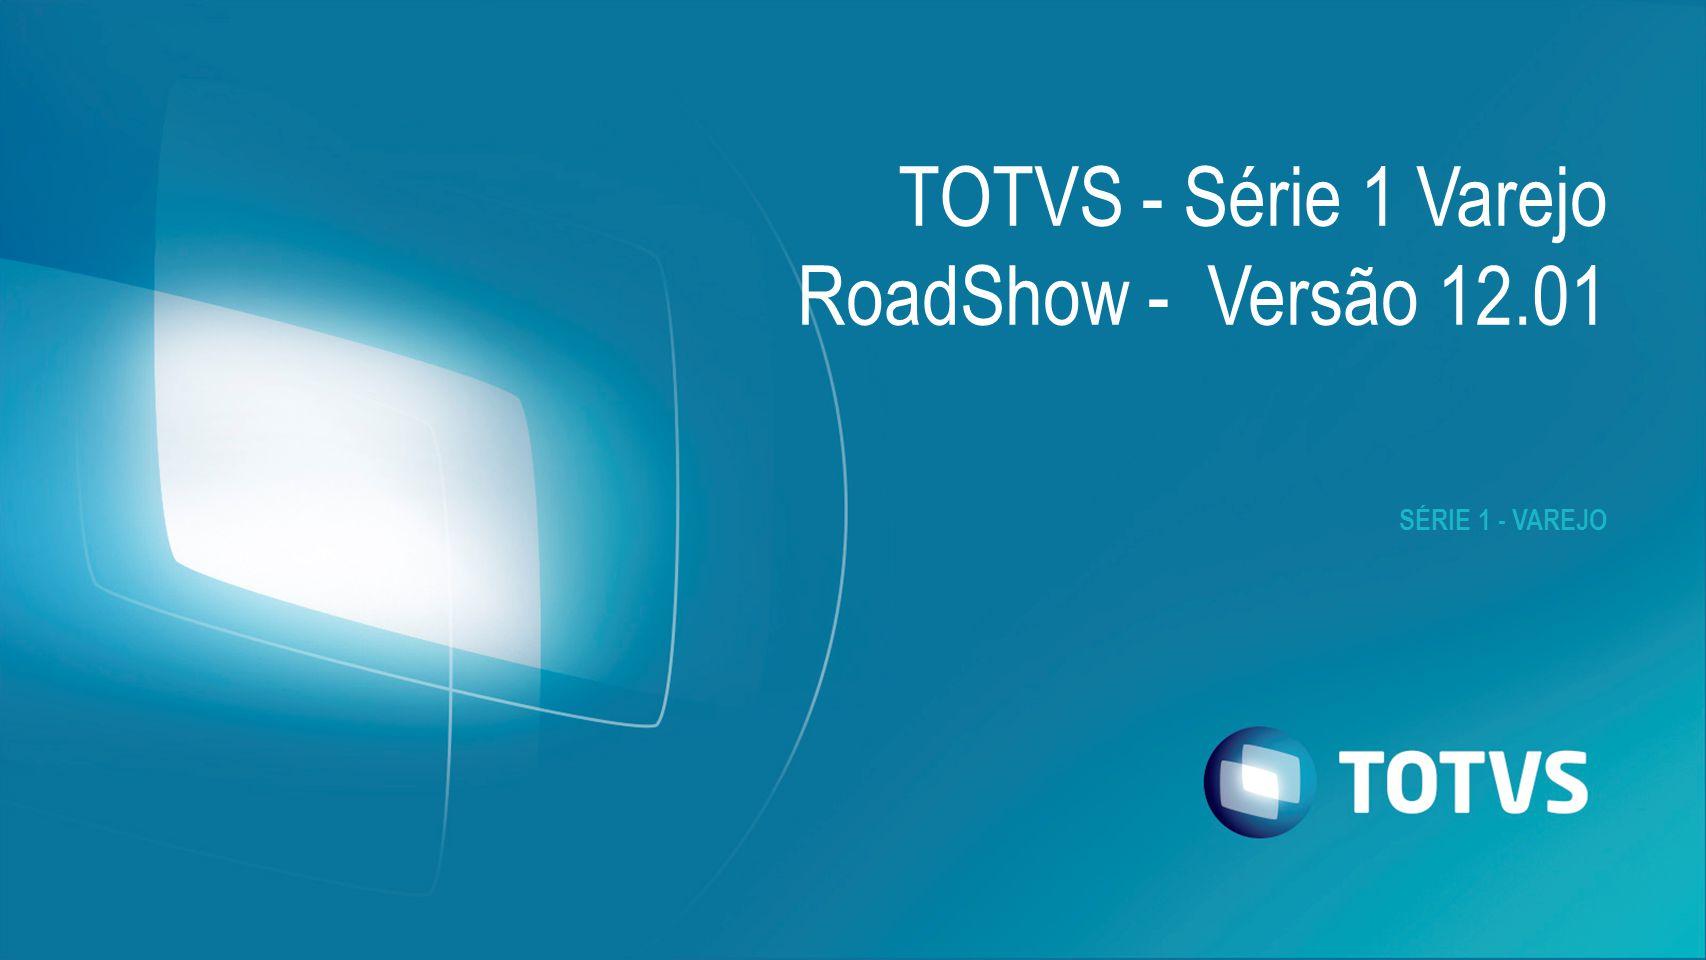 SÉRIE 1 - VAREJO TOTVS - Série 1 Varejo RoadShow - Versão 12.01